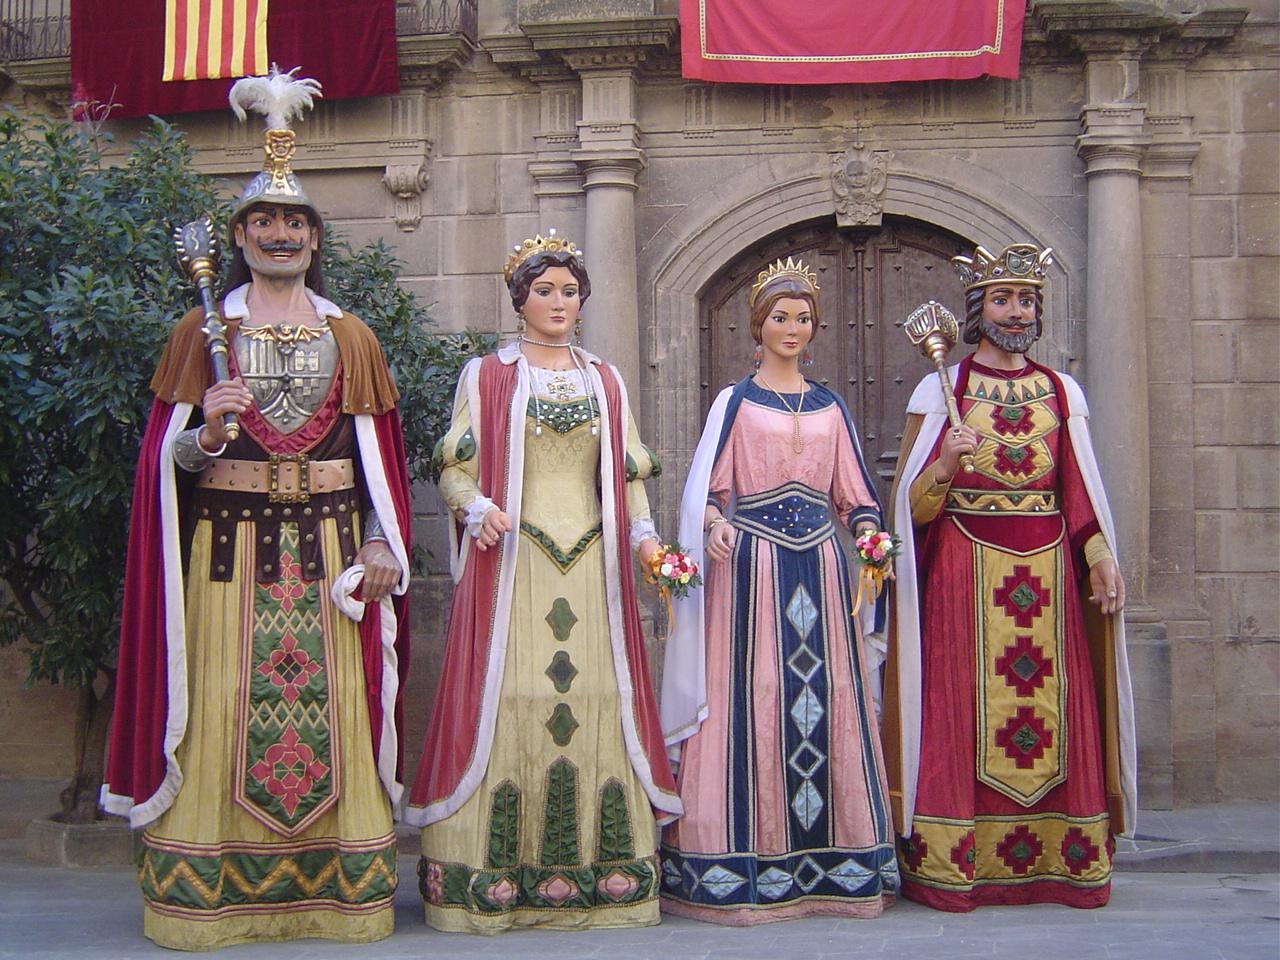 Carnaval de Solsona, Lérida